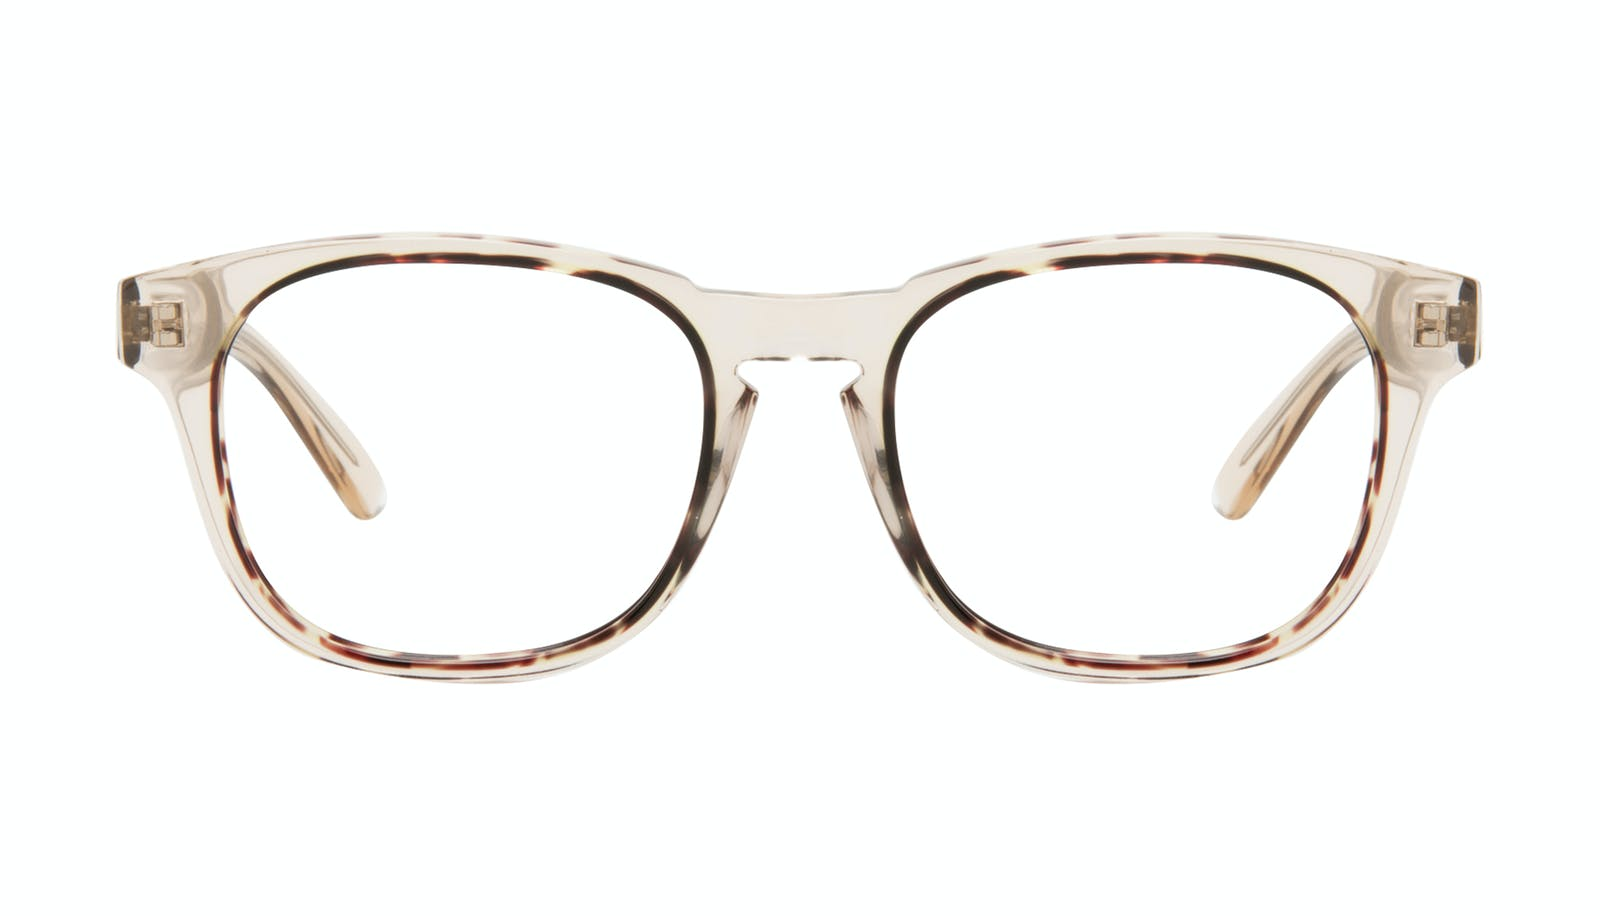 a671098f5e Affordable Fashion Glasses Square Eyeglasses Men Outline Golden Tort